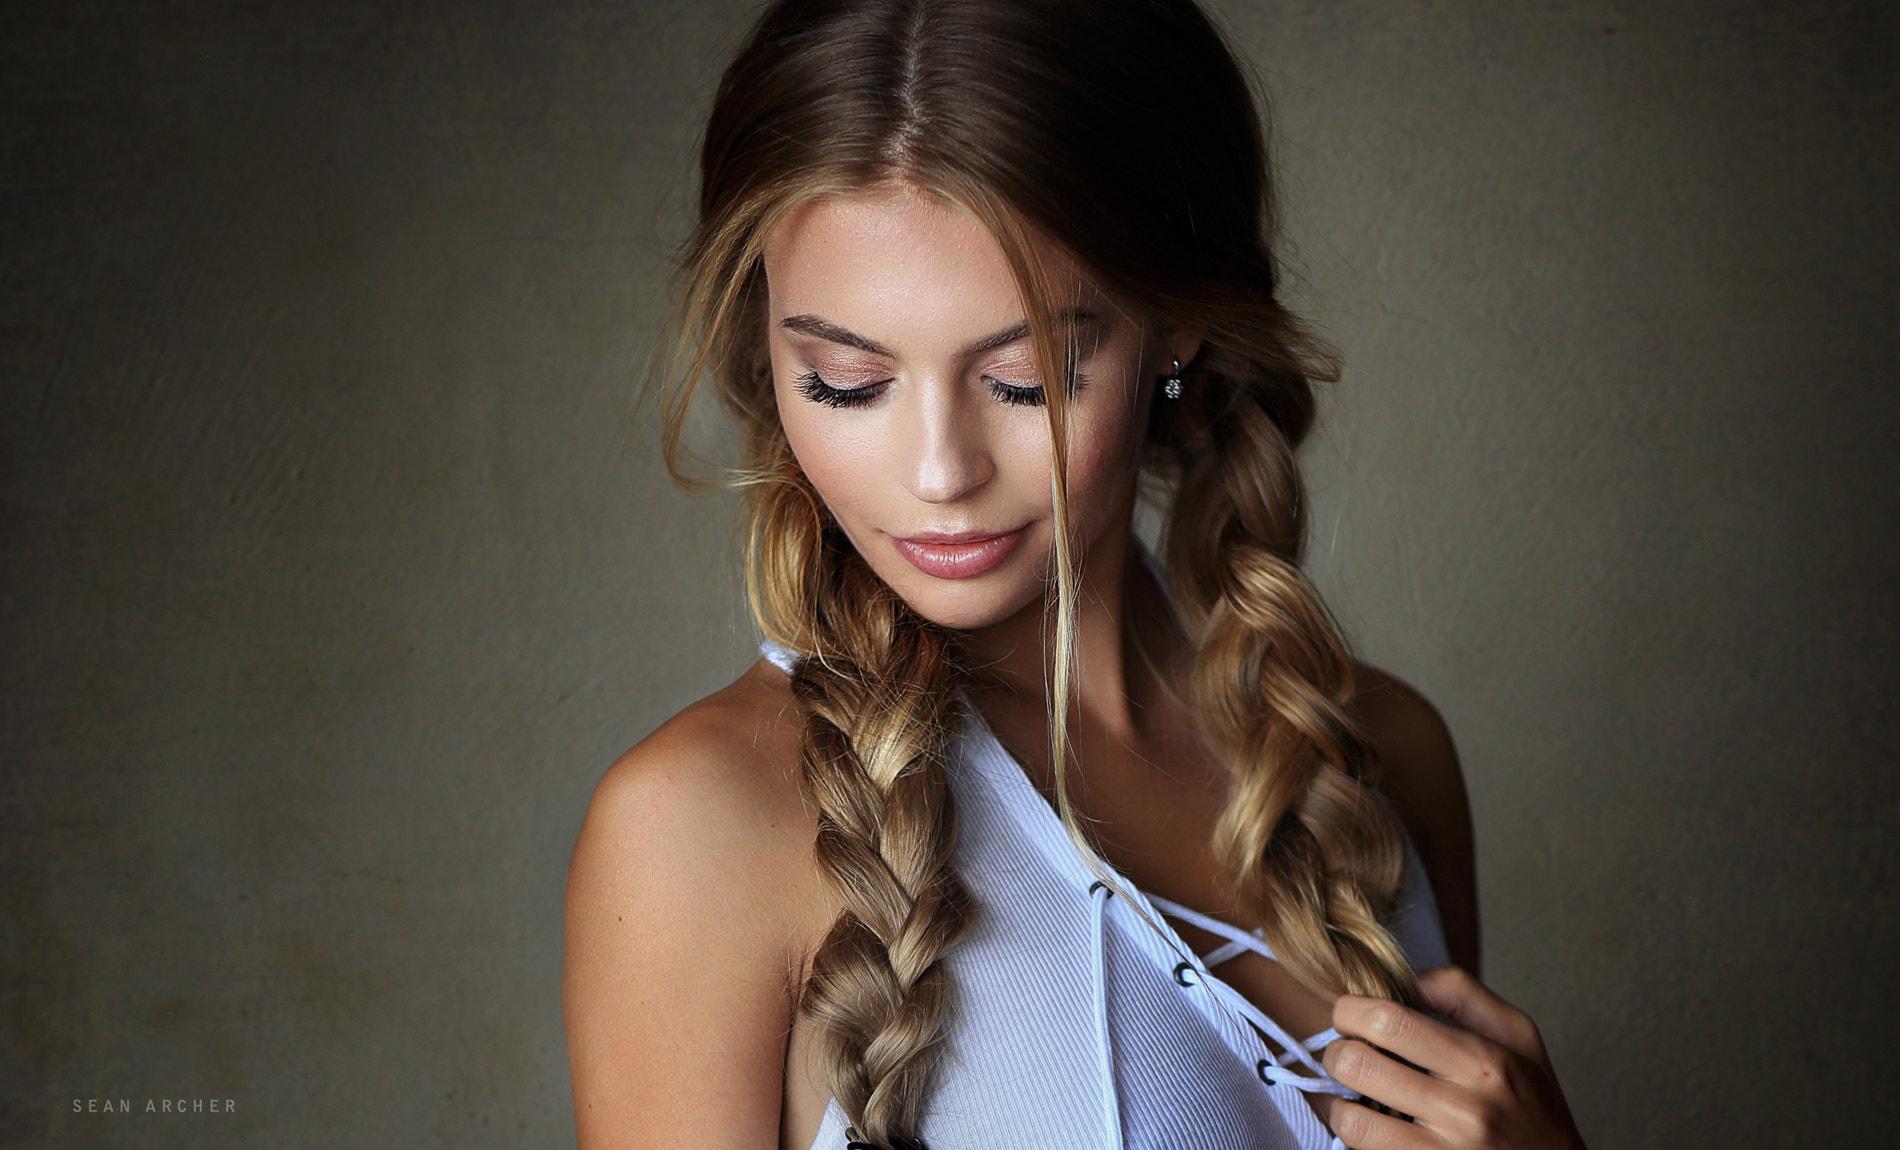 women-pigtails-blonde-face-portrait-simple-background-Sean-Archer-braids-500px-closed-eyes-smiling-1214789 100 стильных идей кос на длинные волосы